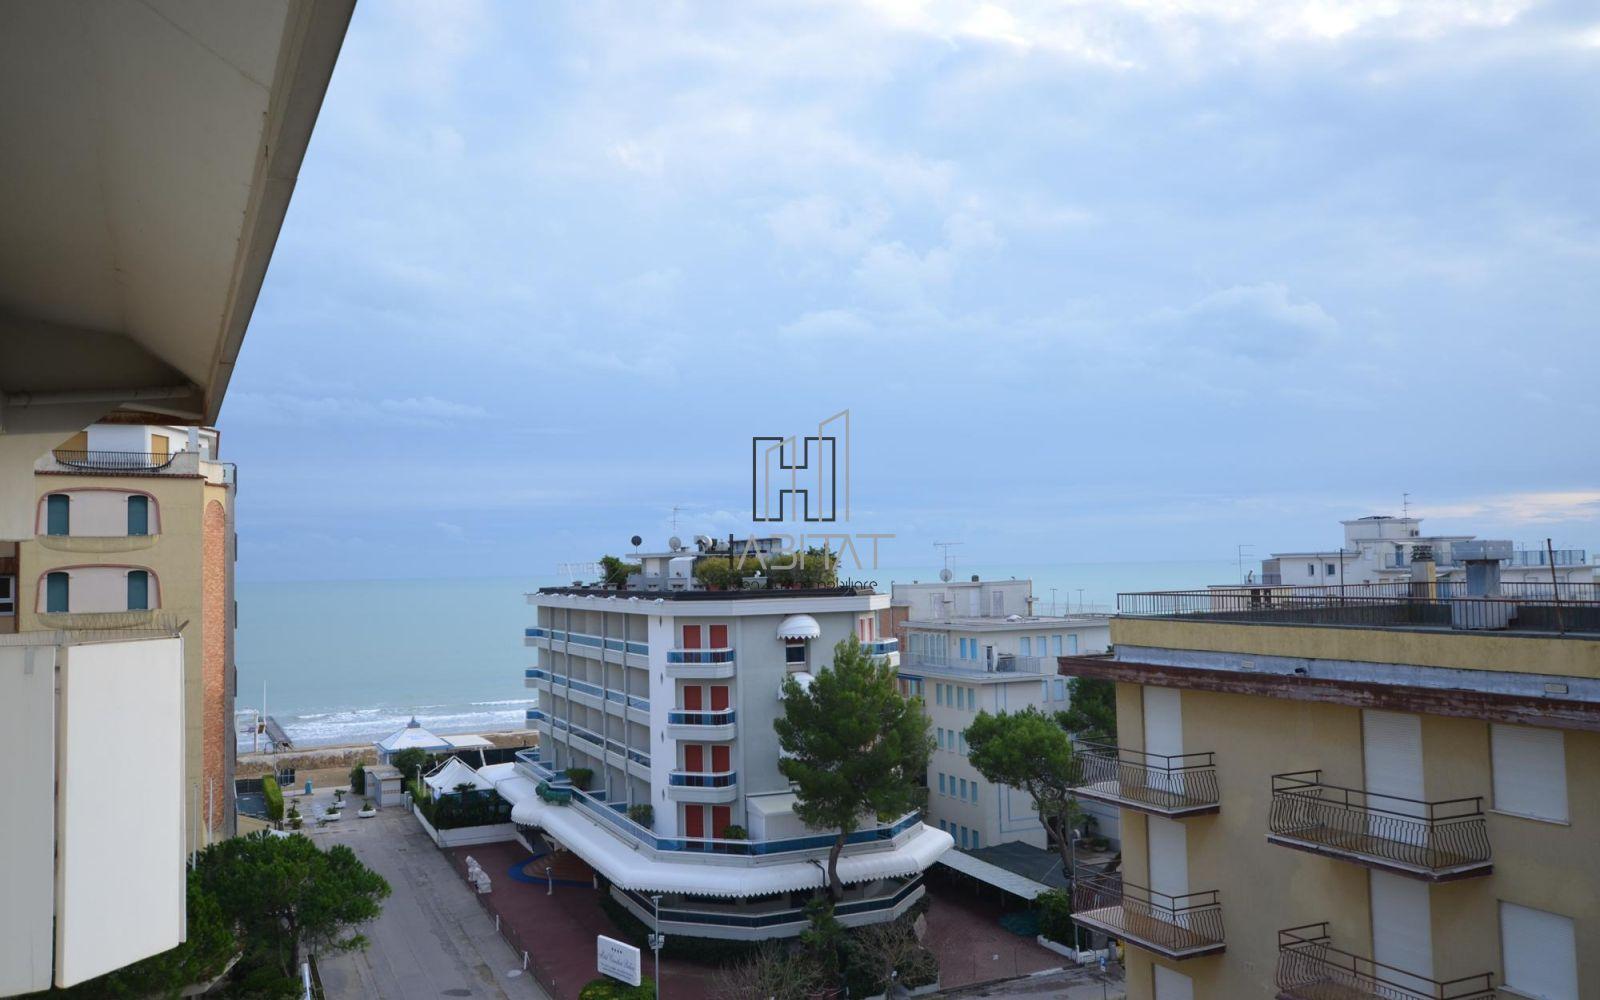 Appartamento Piazza Nember (prezzo trattabile)